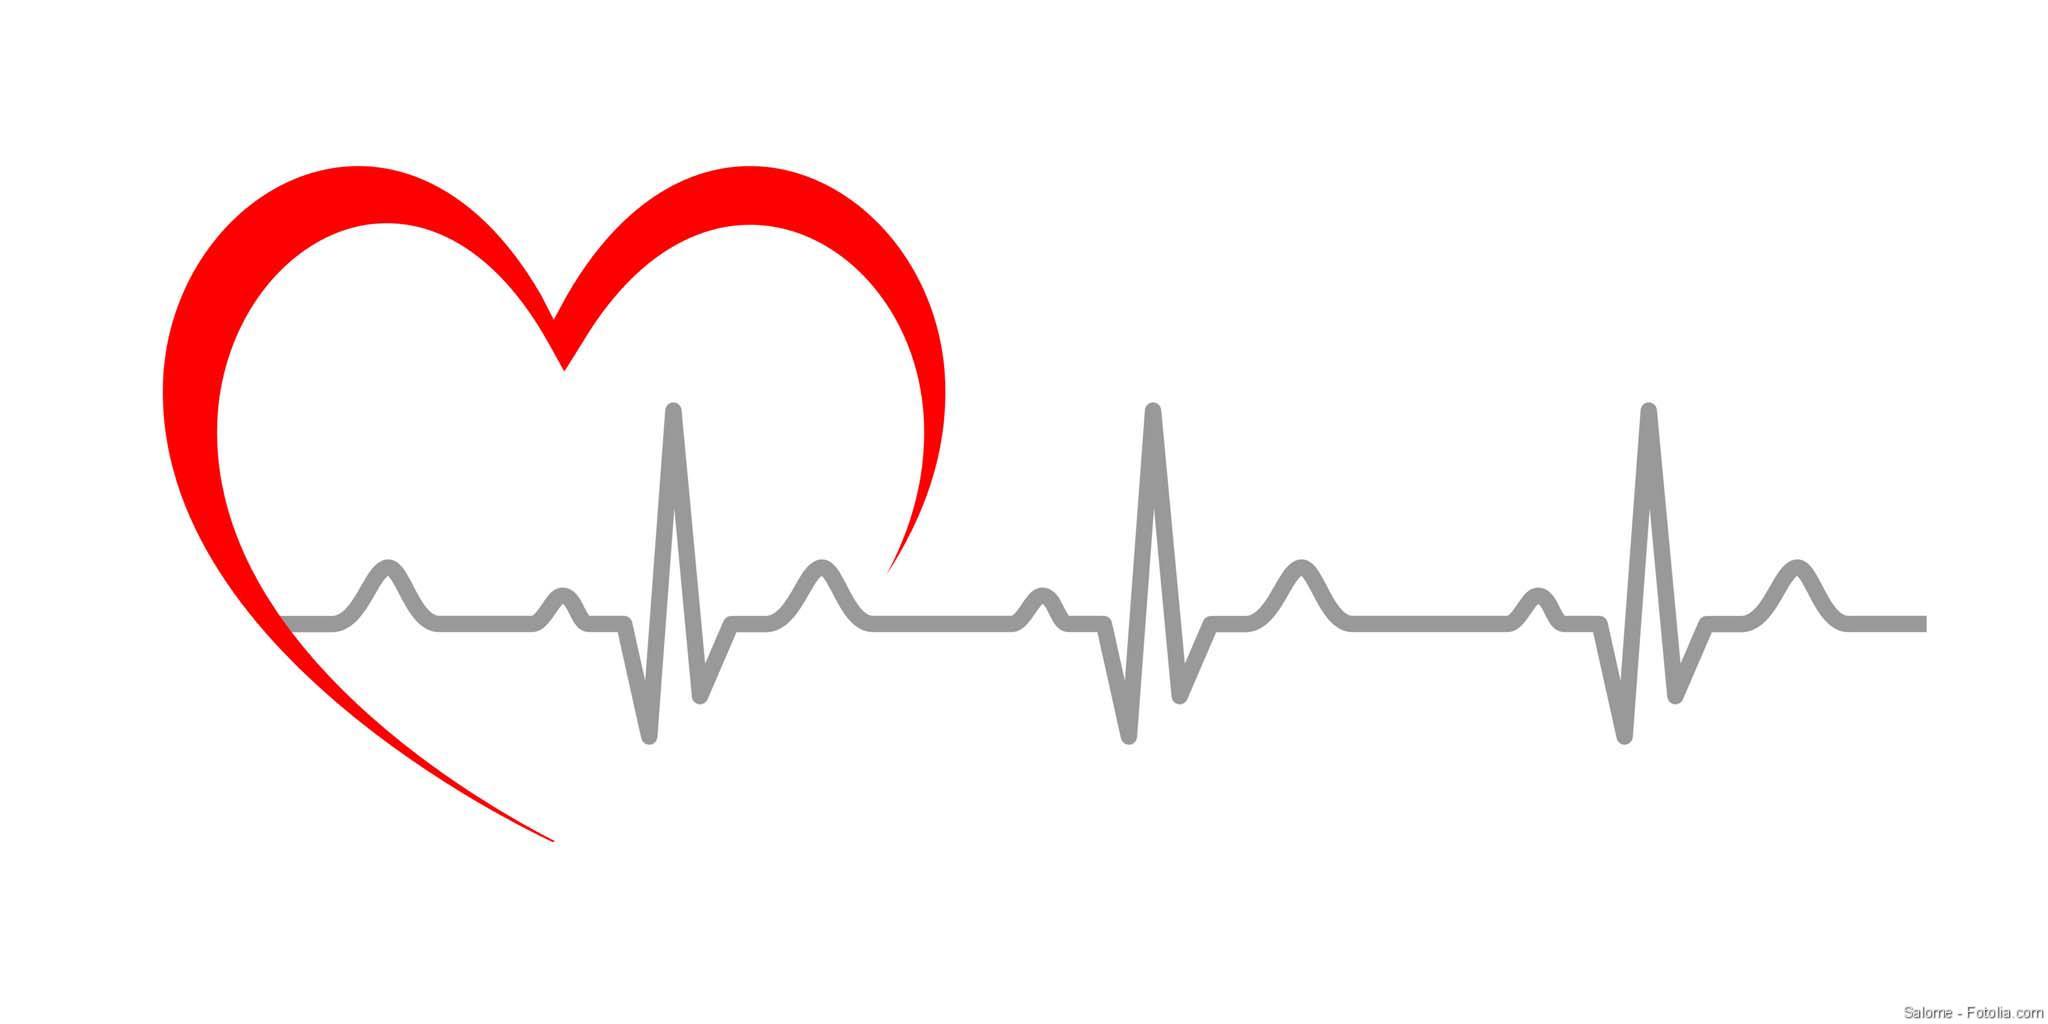 Blutdruck und Cholesterin, Herzinfarkt, Herzrhythmusstörungen, Gesundheits-Pass, Vorhofflimmern, Herzrhythmusstörungen, Herzerkrankungen, Schlaganfall